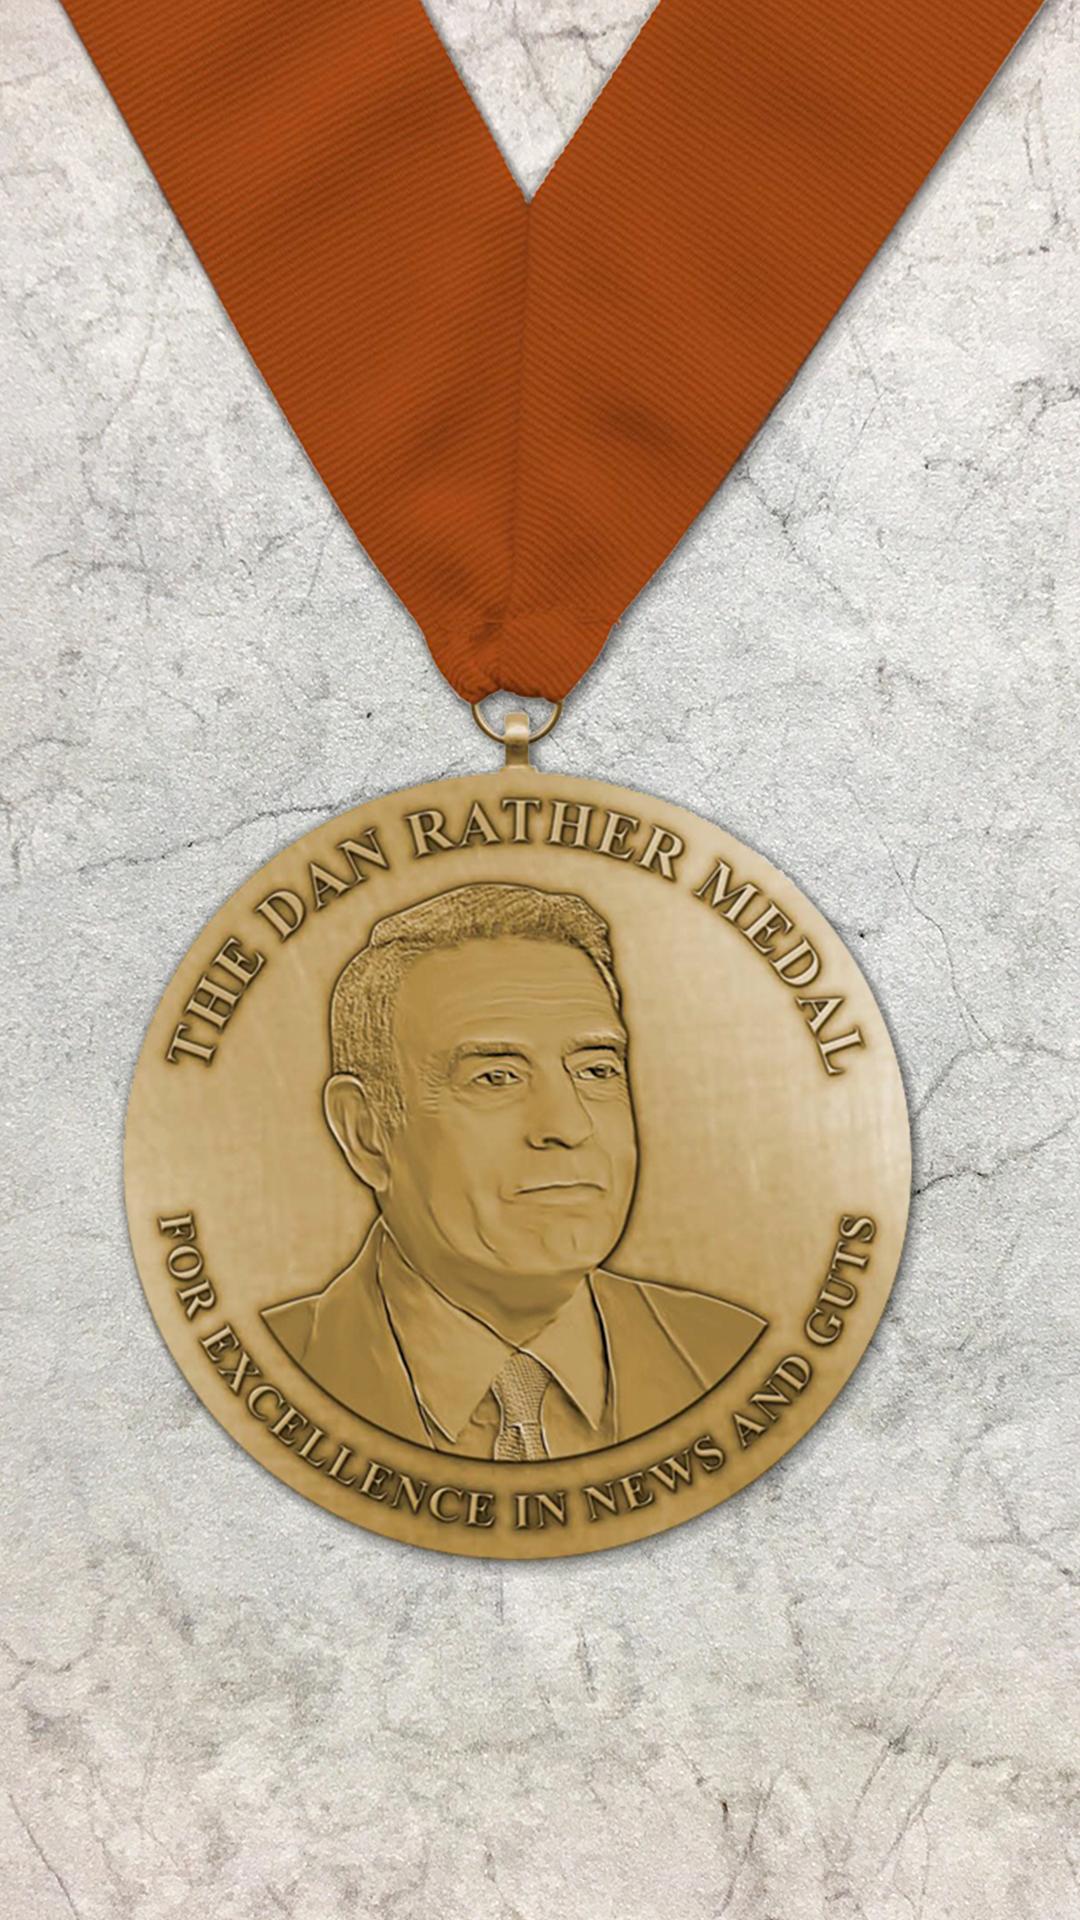 Dan Rather Medal